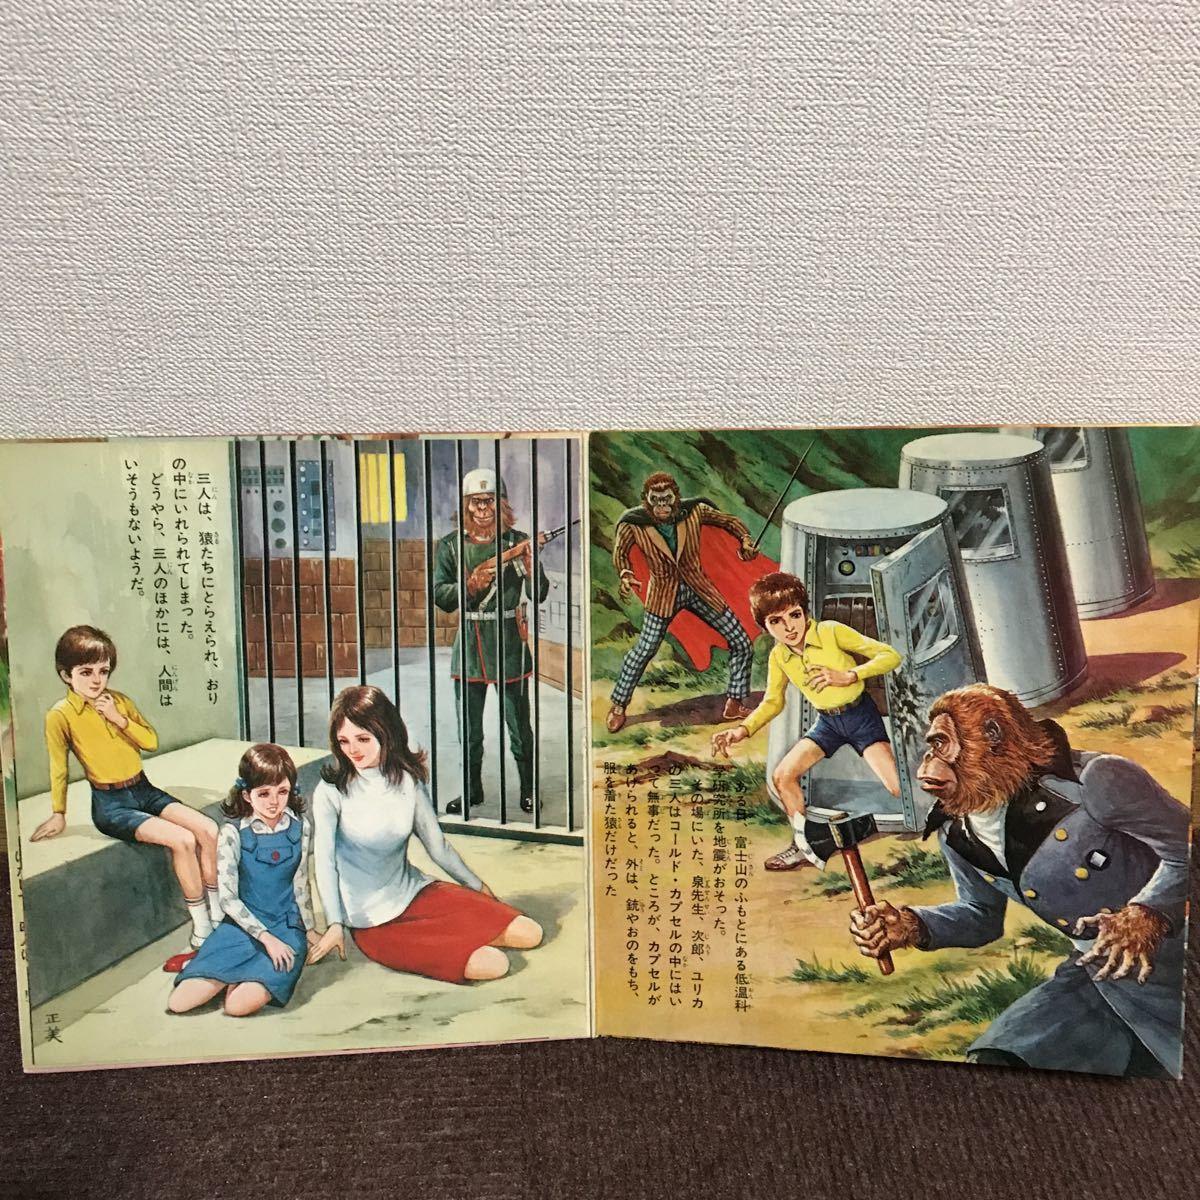 中古 猿の軍団 レコード ソノラマエース パピイシリーズ 朝日ソノラマ_画像3